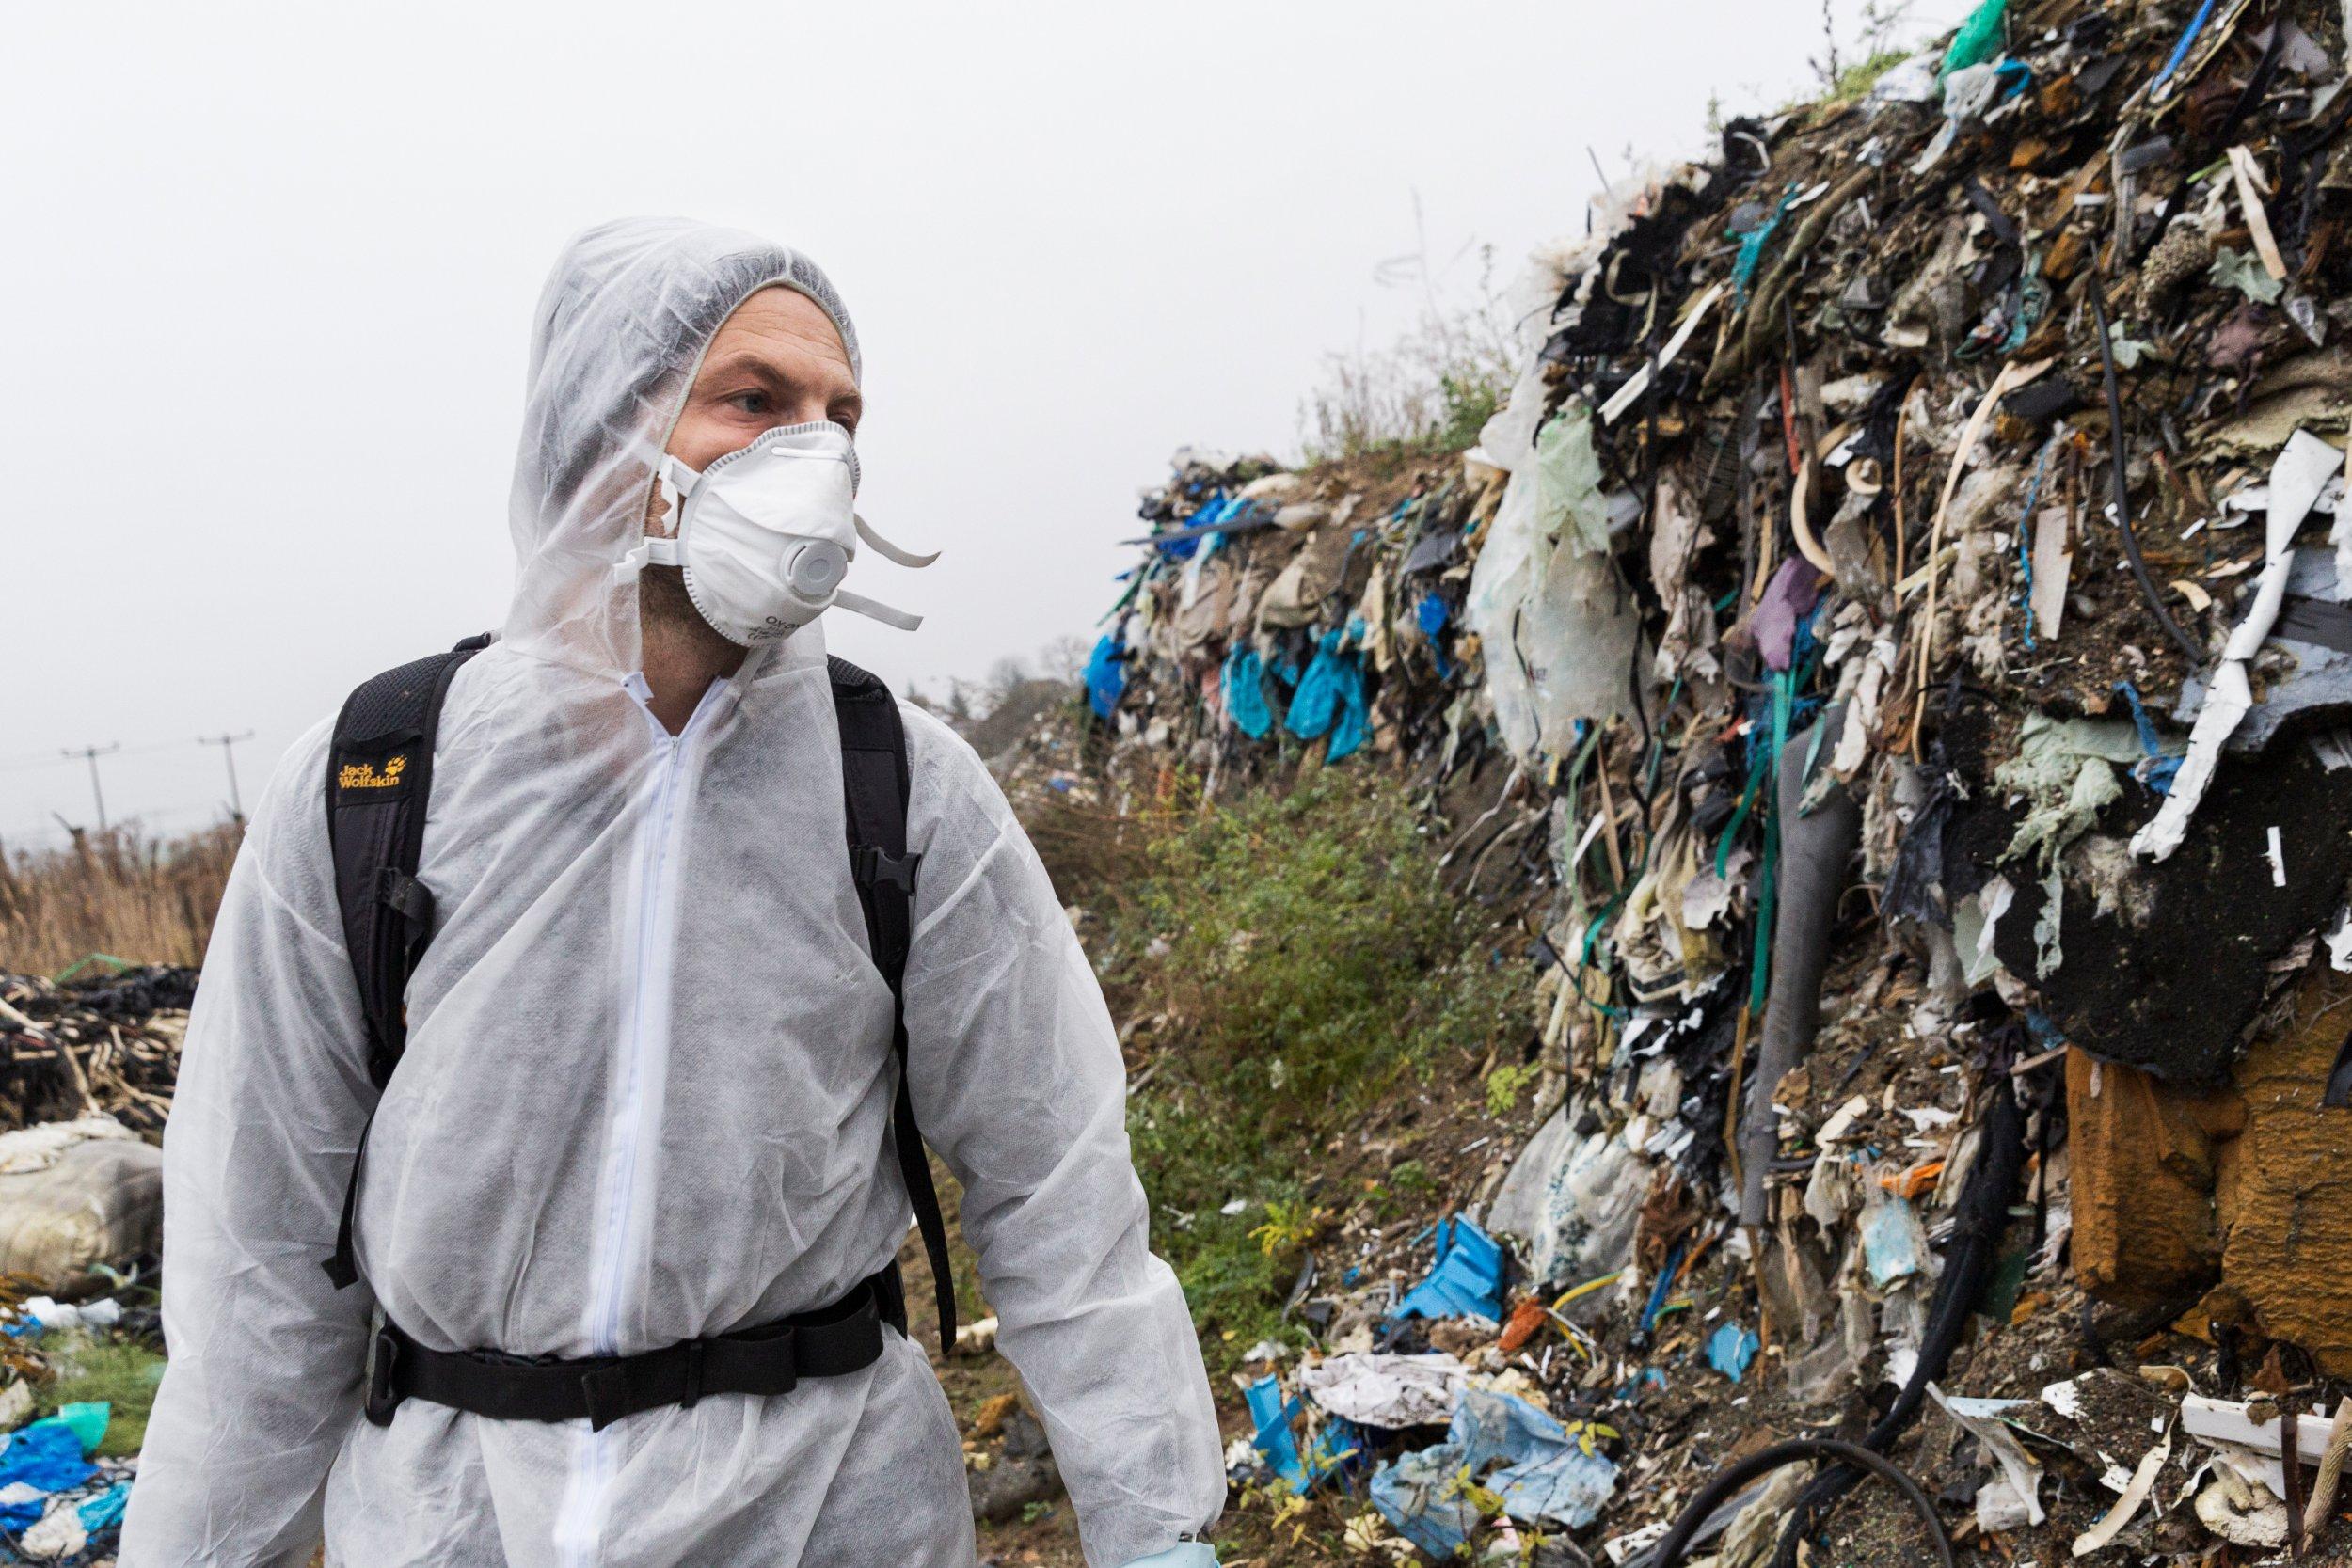 <p>AUFGETÜRMTDie Reporter entdecken Tausende Tonnen illegal abgeladenen Müll</p>